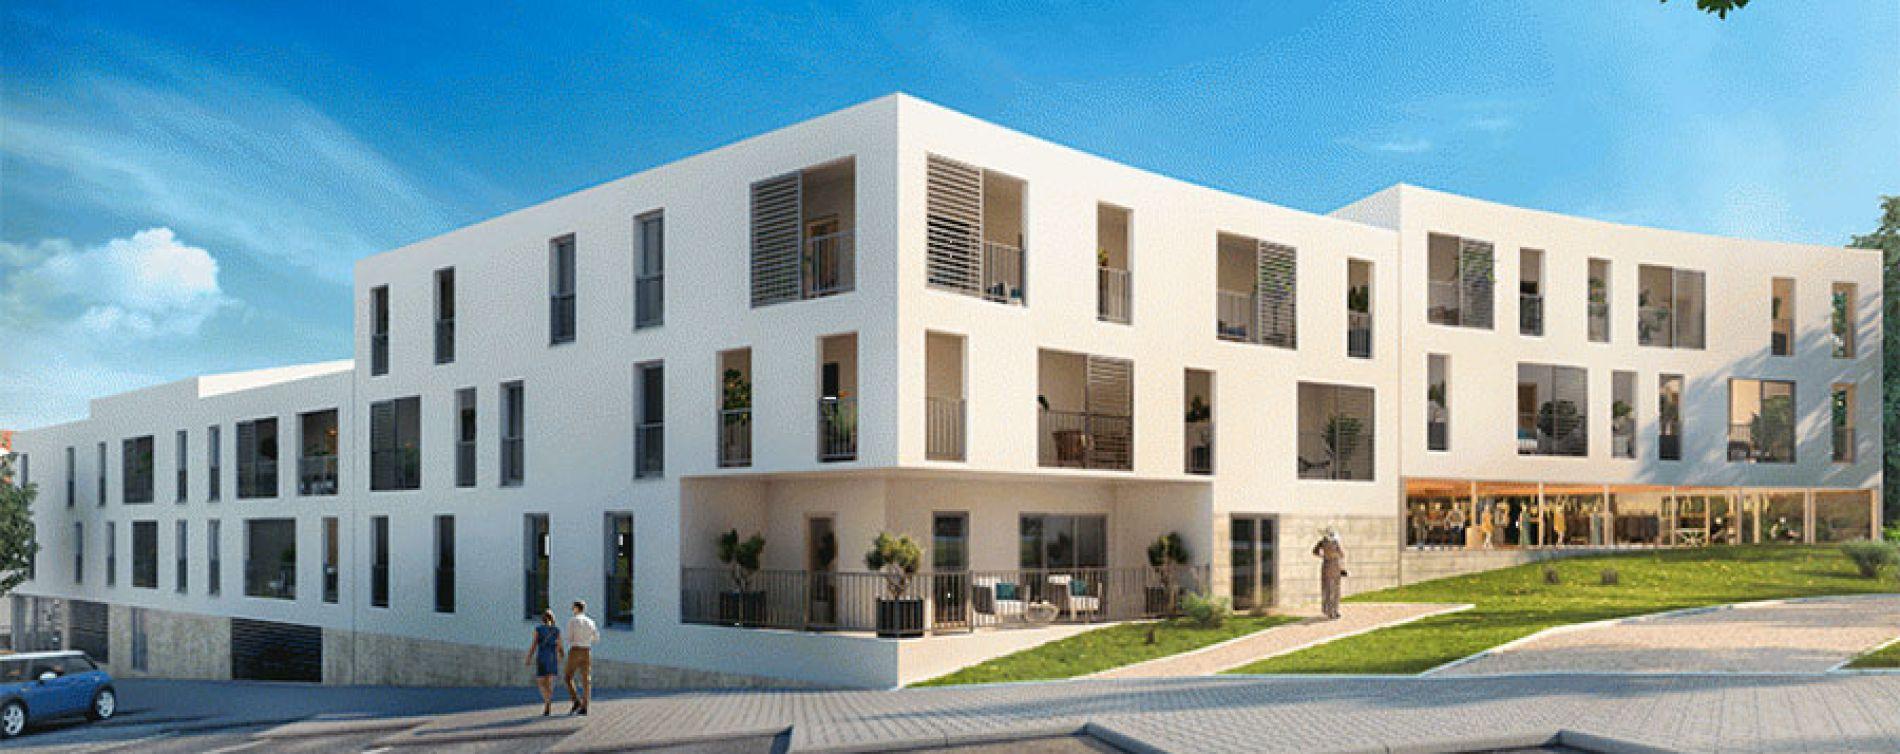 le patio de lyunes aix en provence programme immobilier neuf n 213990. Black Bedroom Furniture Sets. Home Design Ideas